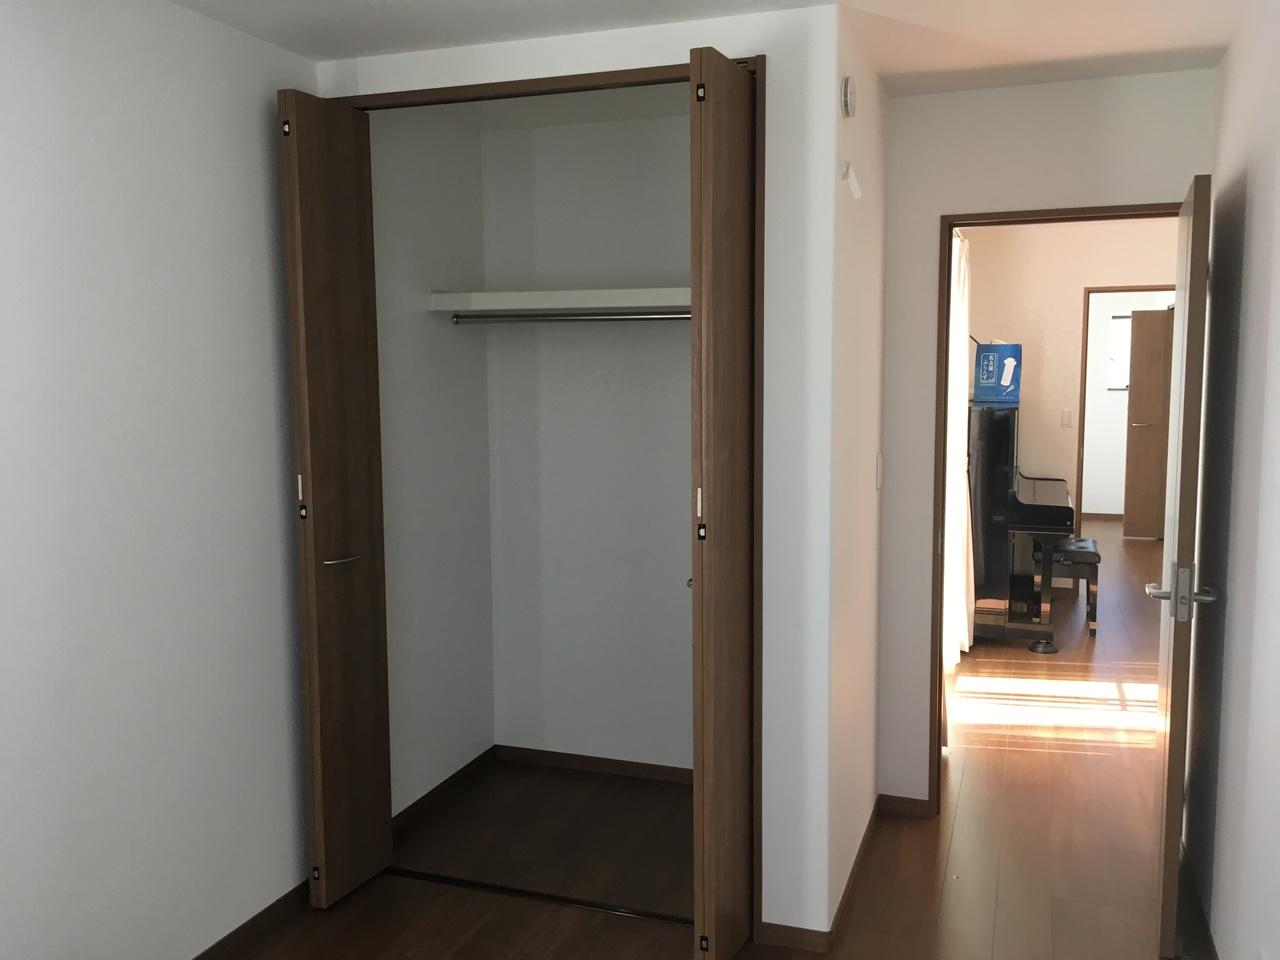 2階洋間の写真です。各居室が広いのでお子様の成長に合わせて自由自在ですね